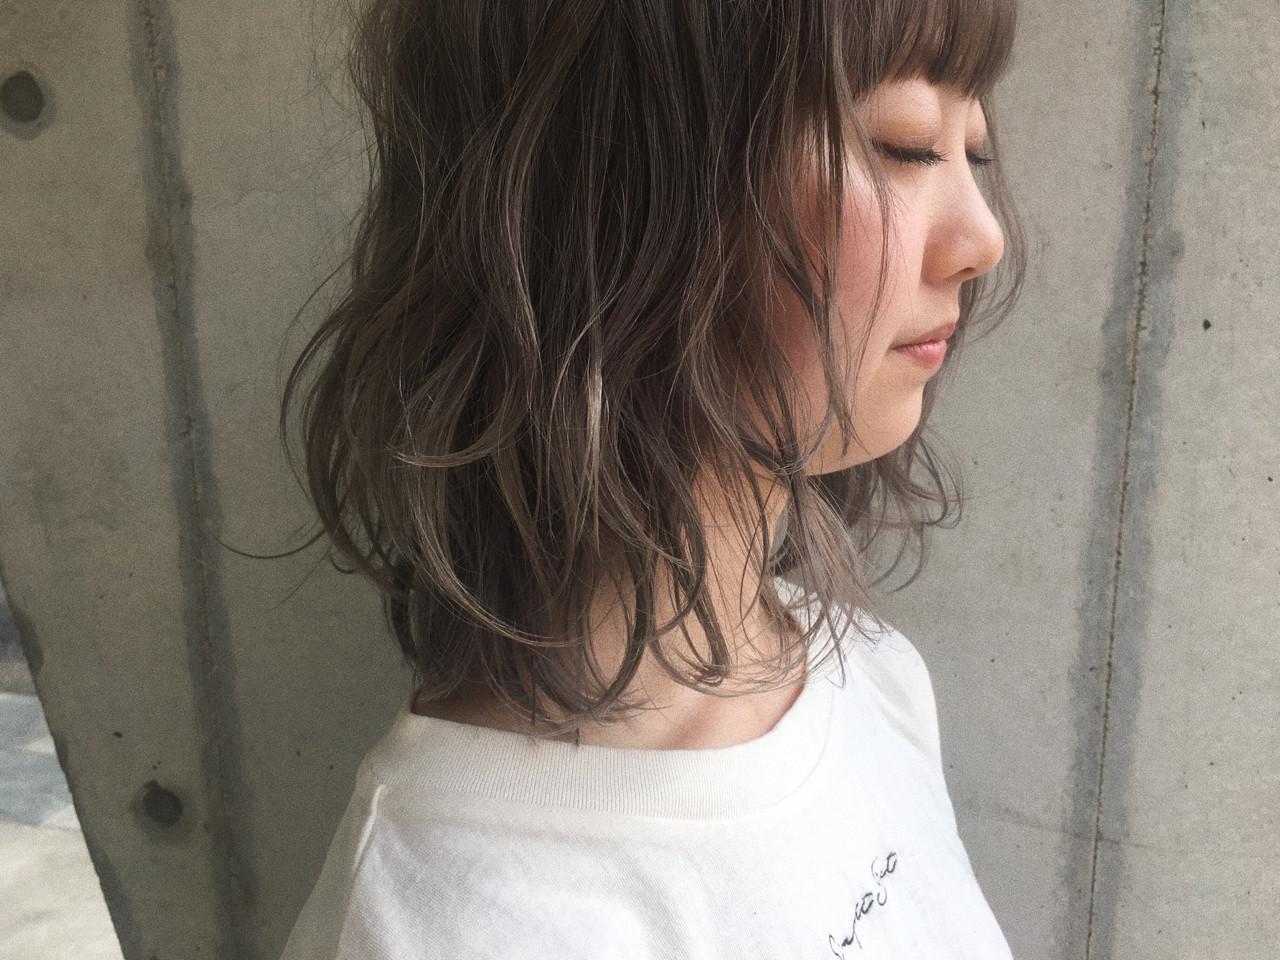 ナチュラル アンニュイ ミディアム ロブ ヘアスタイルや髪型の写真・画像 | 鈴木 成治 / LOAVE AOYAMA(ローヴ アオヤマ)